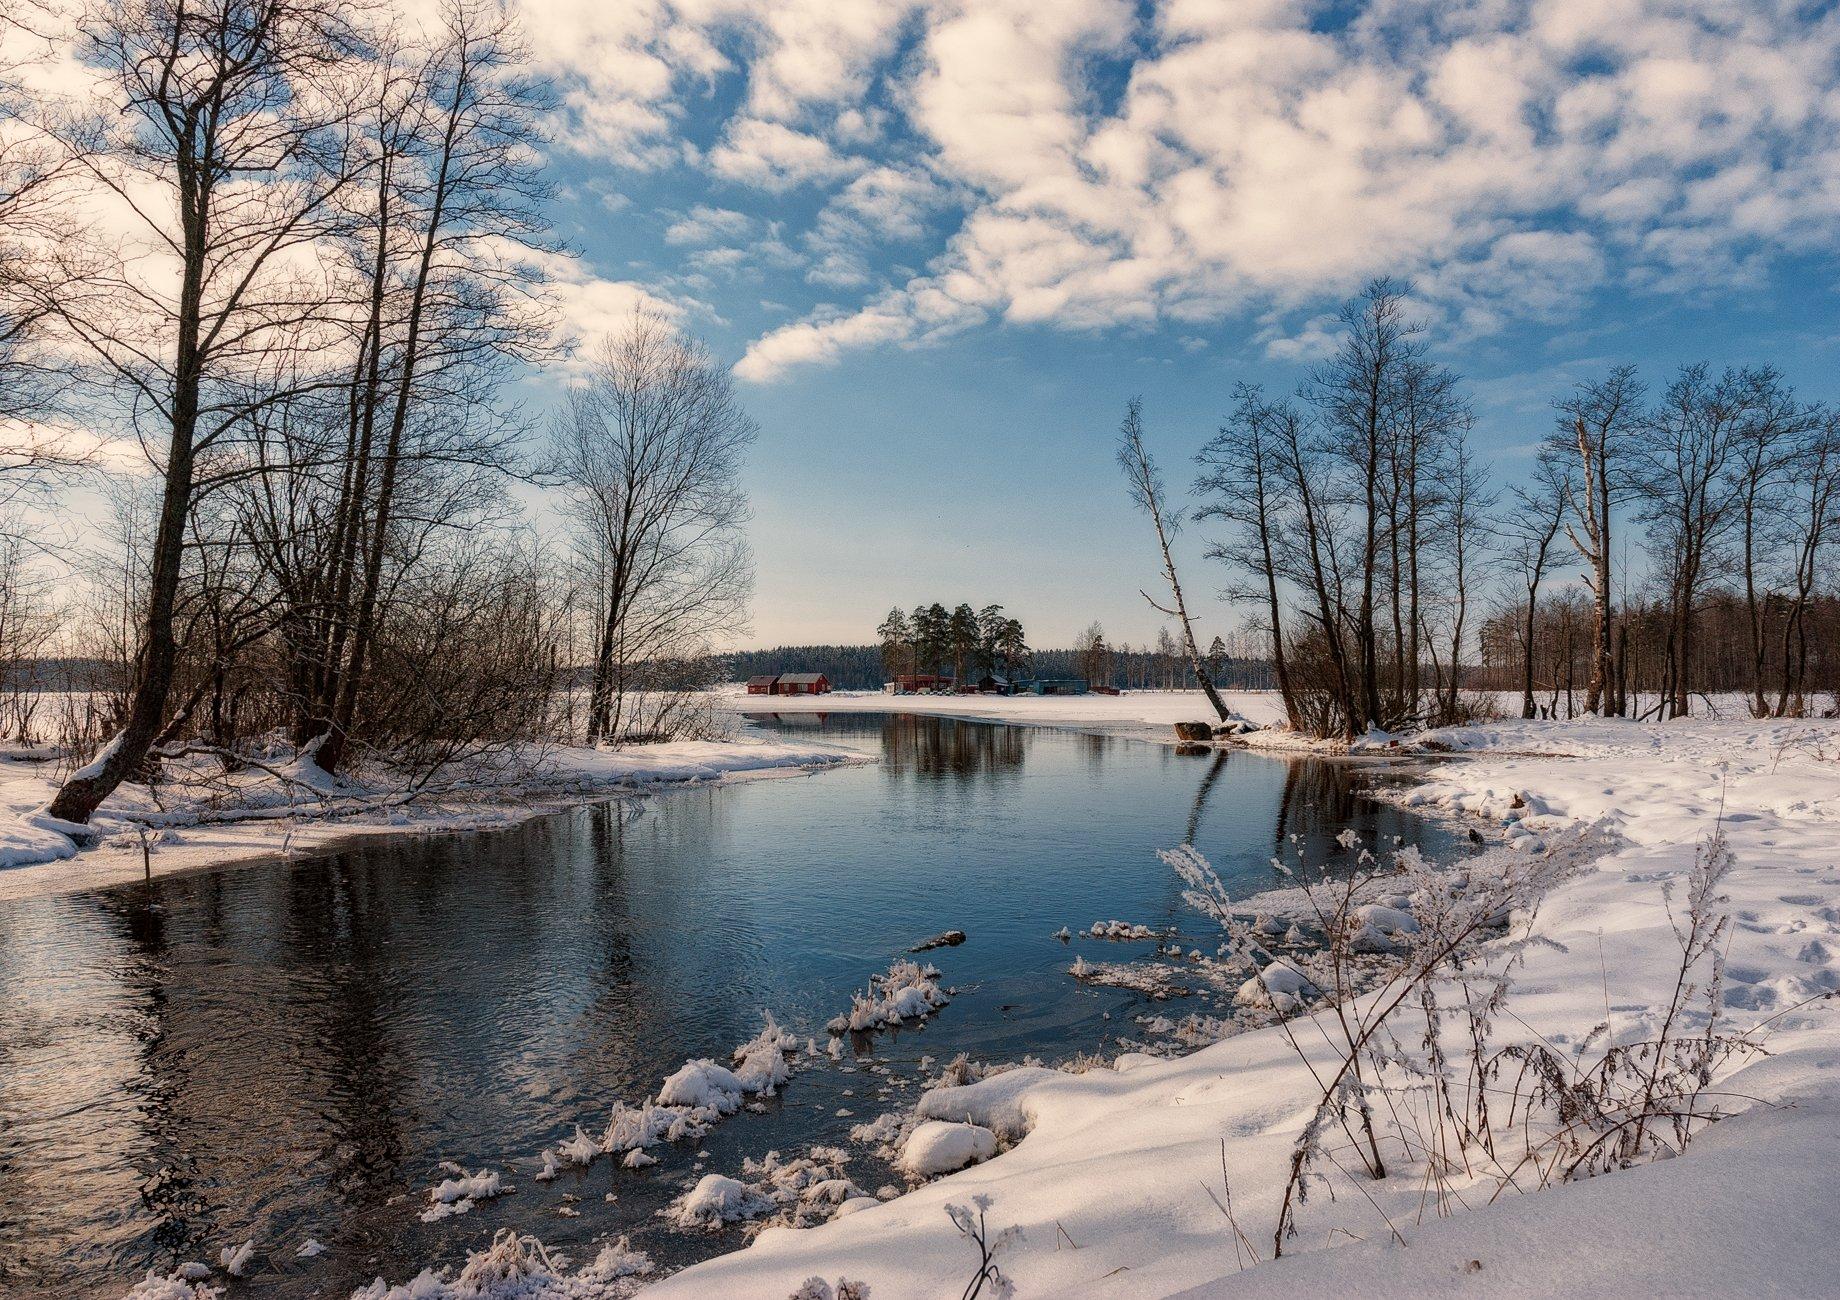 весна,март,воздух,река,небо,тучи,пейзаж, Евгений Плетнев